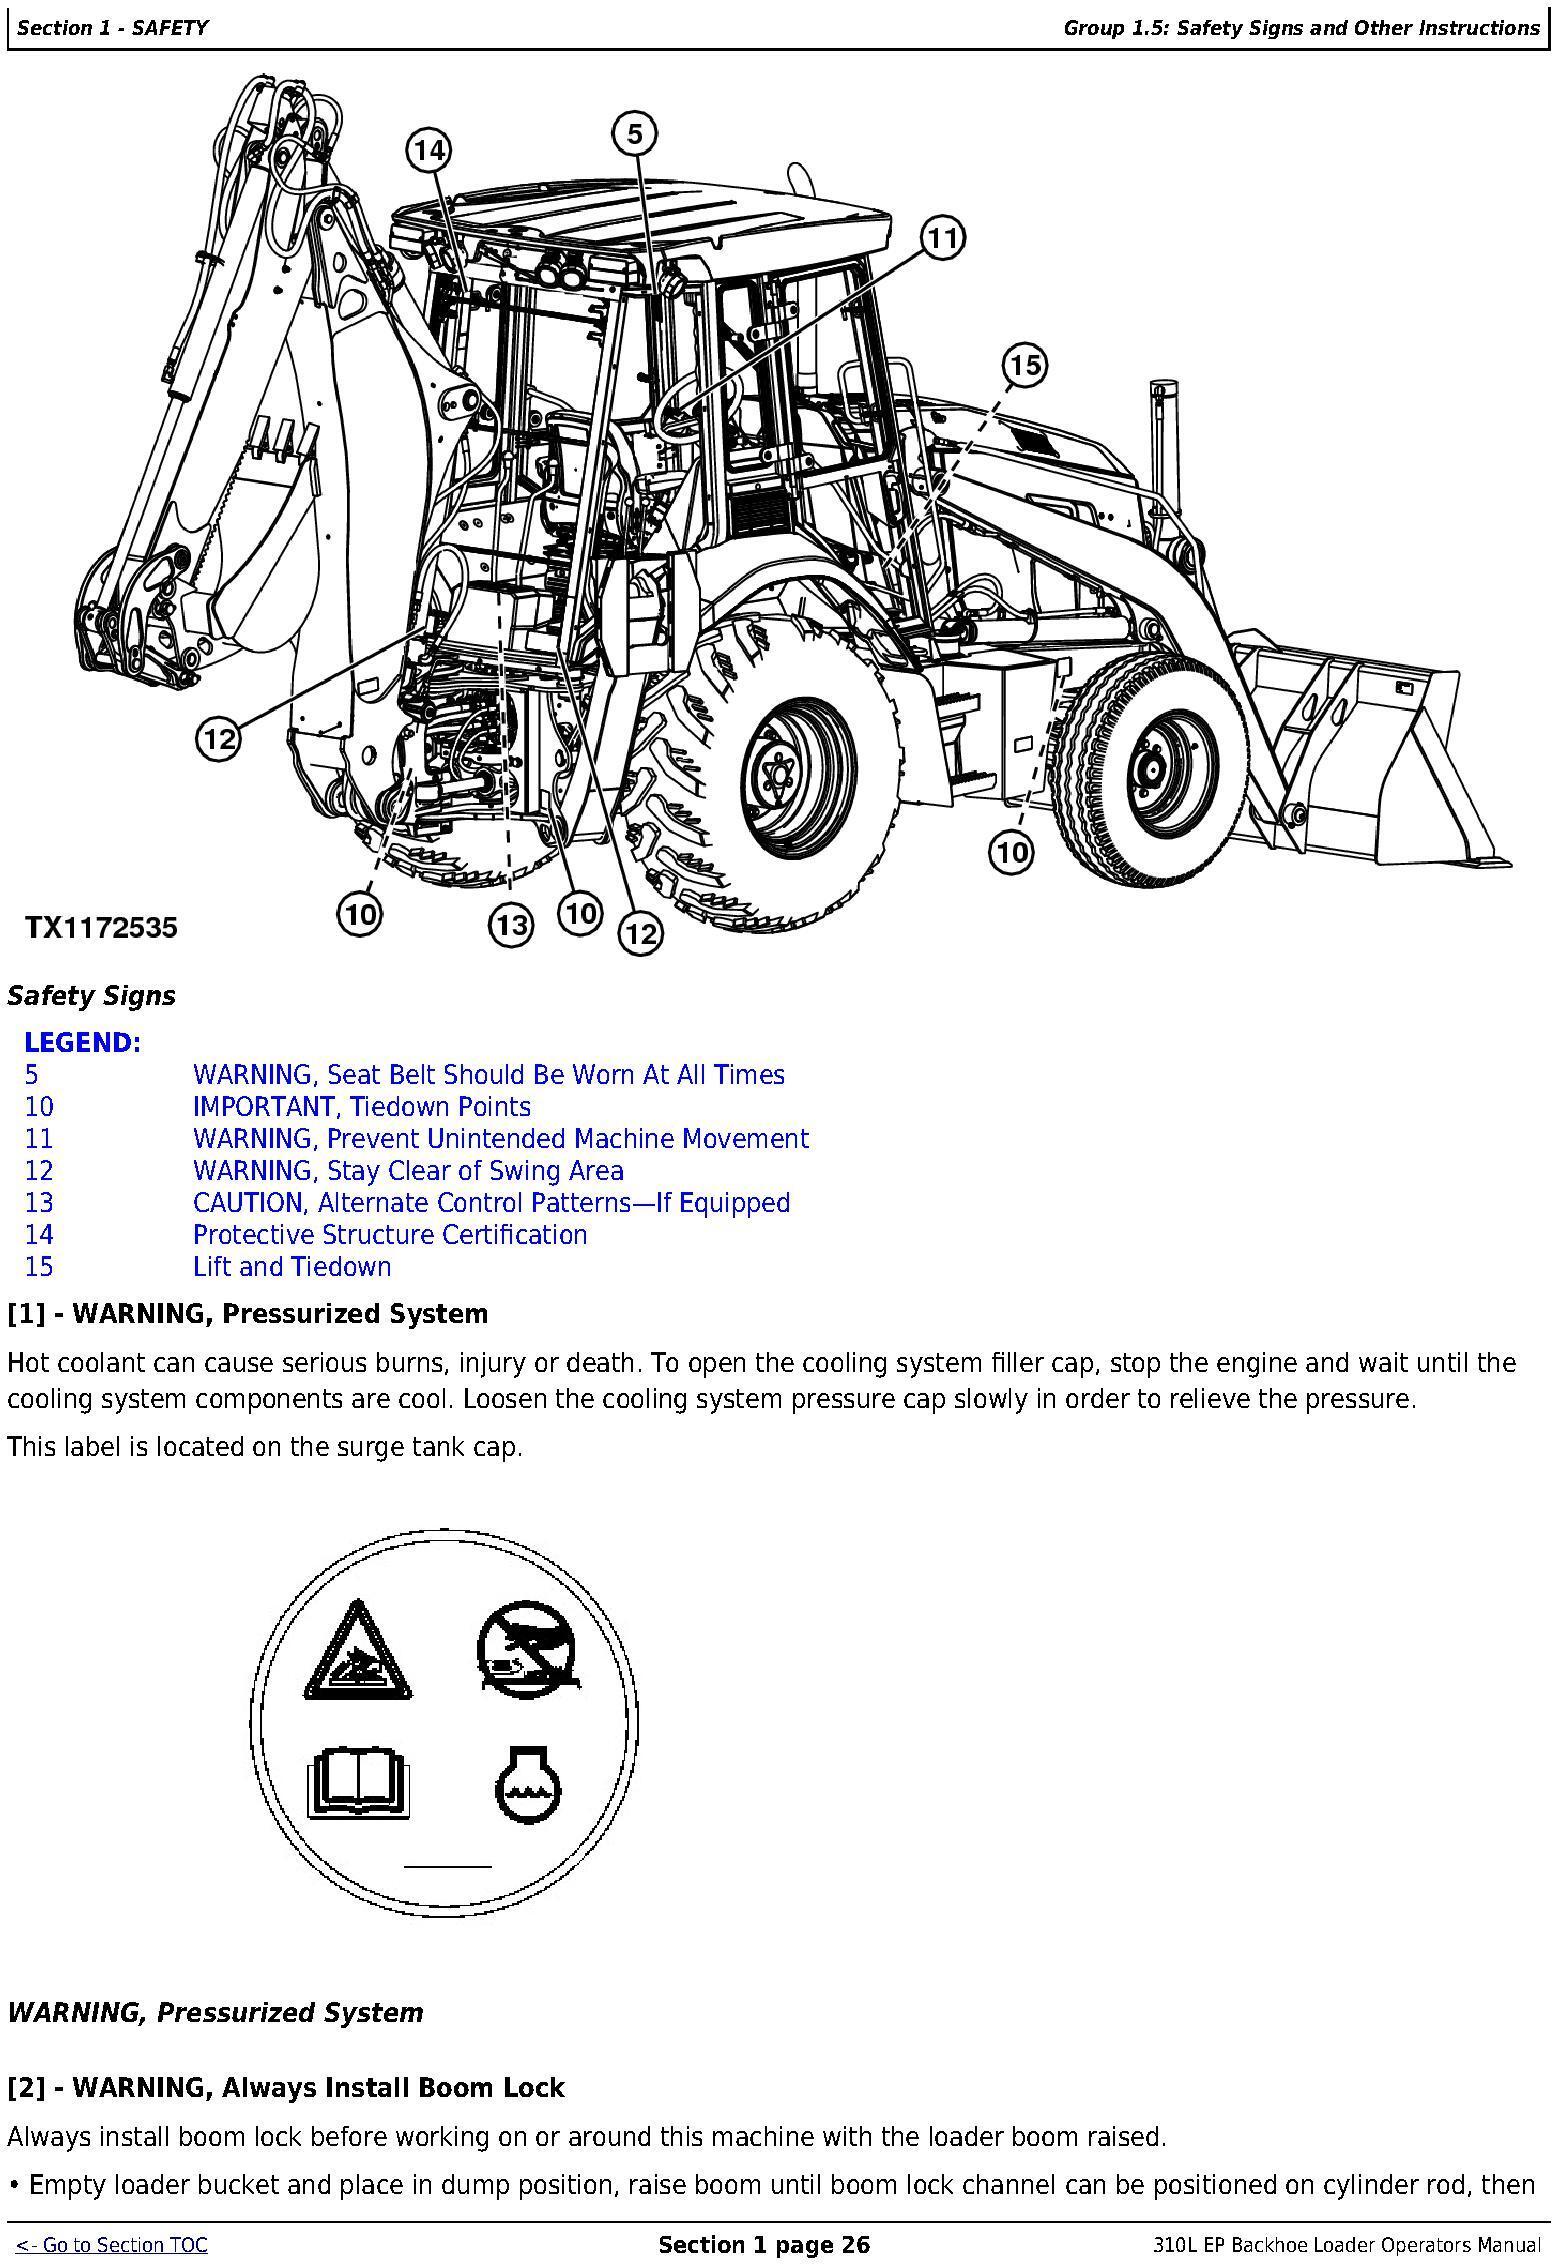 OMT357606X19 - John Deere 310SL Backhoe Loader (PIN:1T0310SL**F273920-) Diagnostic&Test Service Manual (TM13297X19) - 1